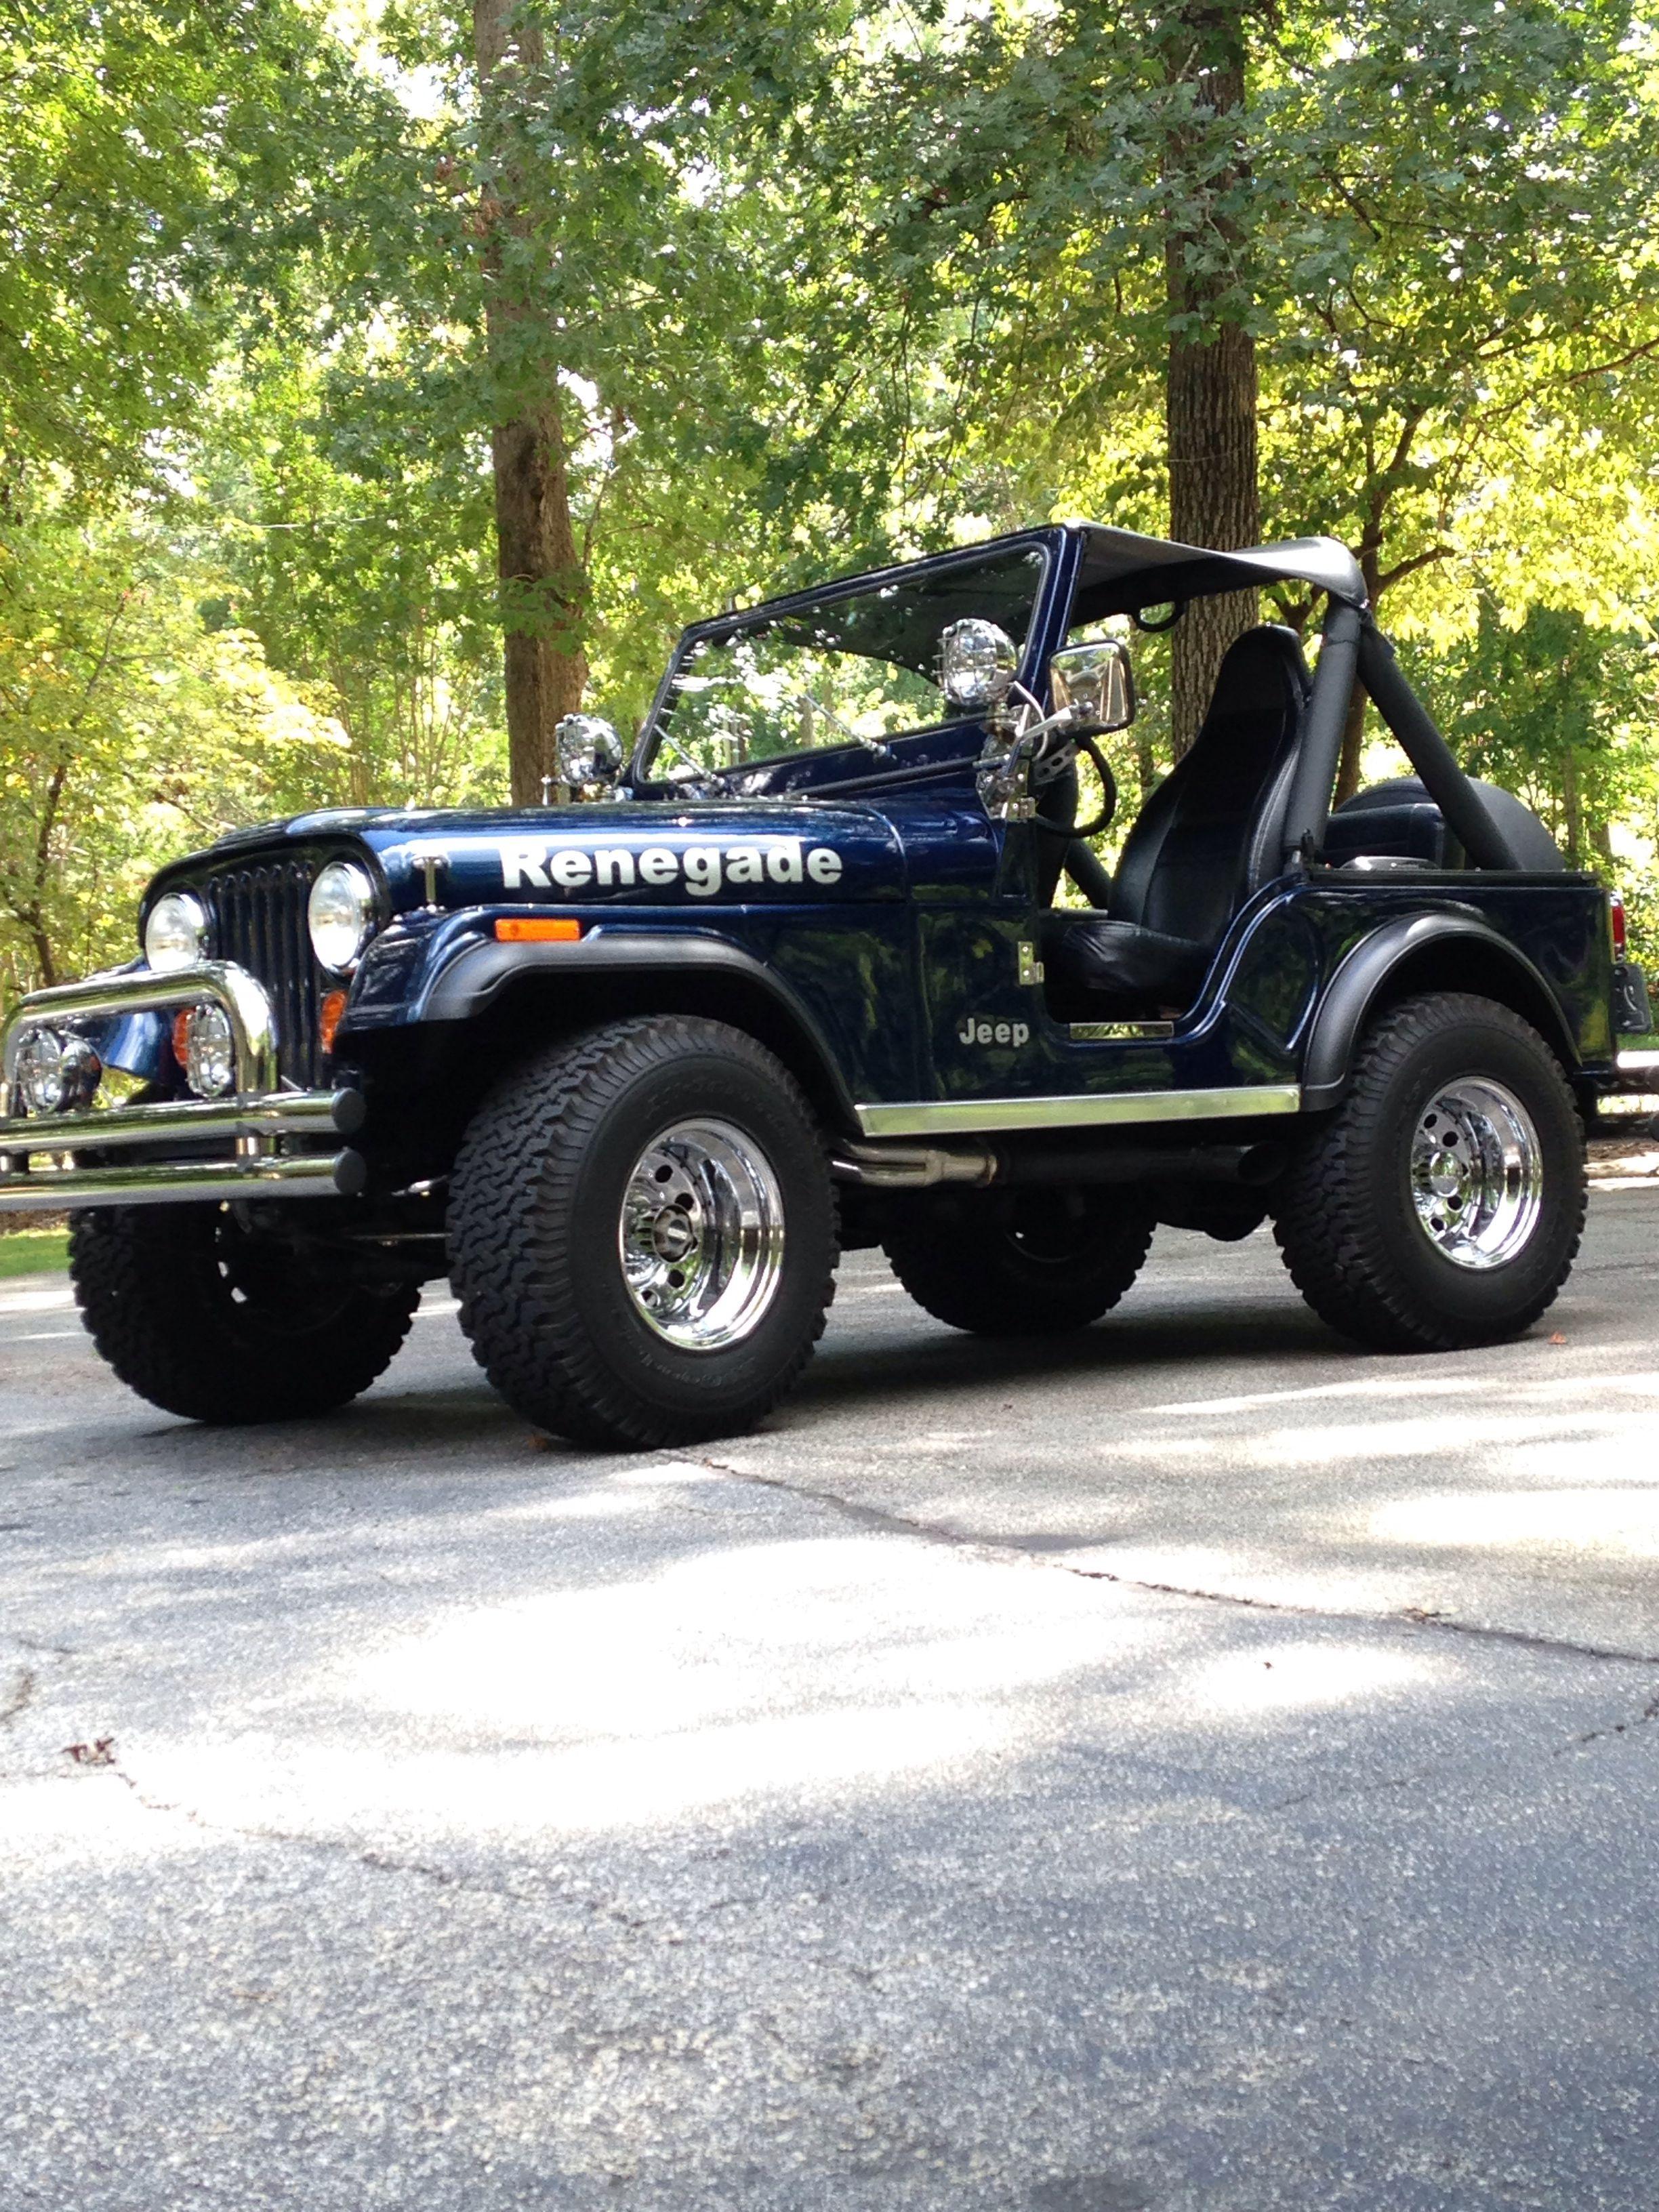 1981 jeep cj5 [ 2448 x 3264 Pixel ]